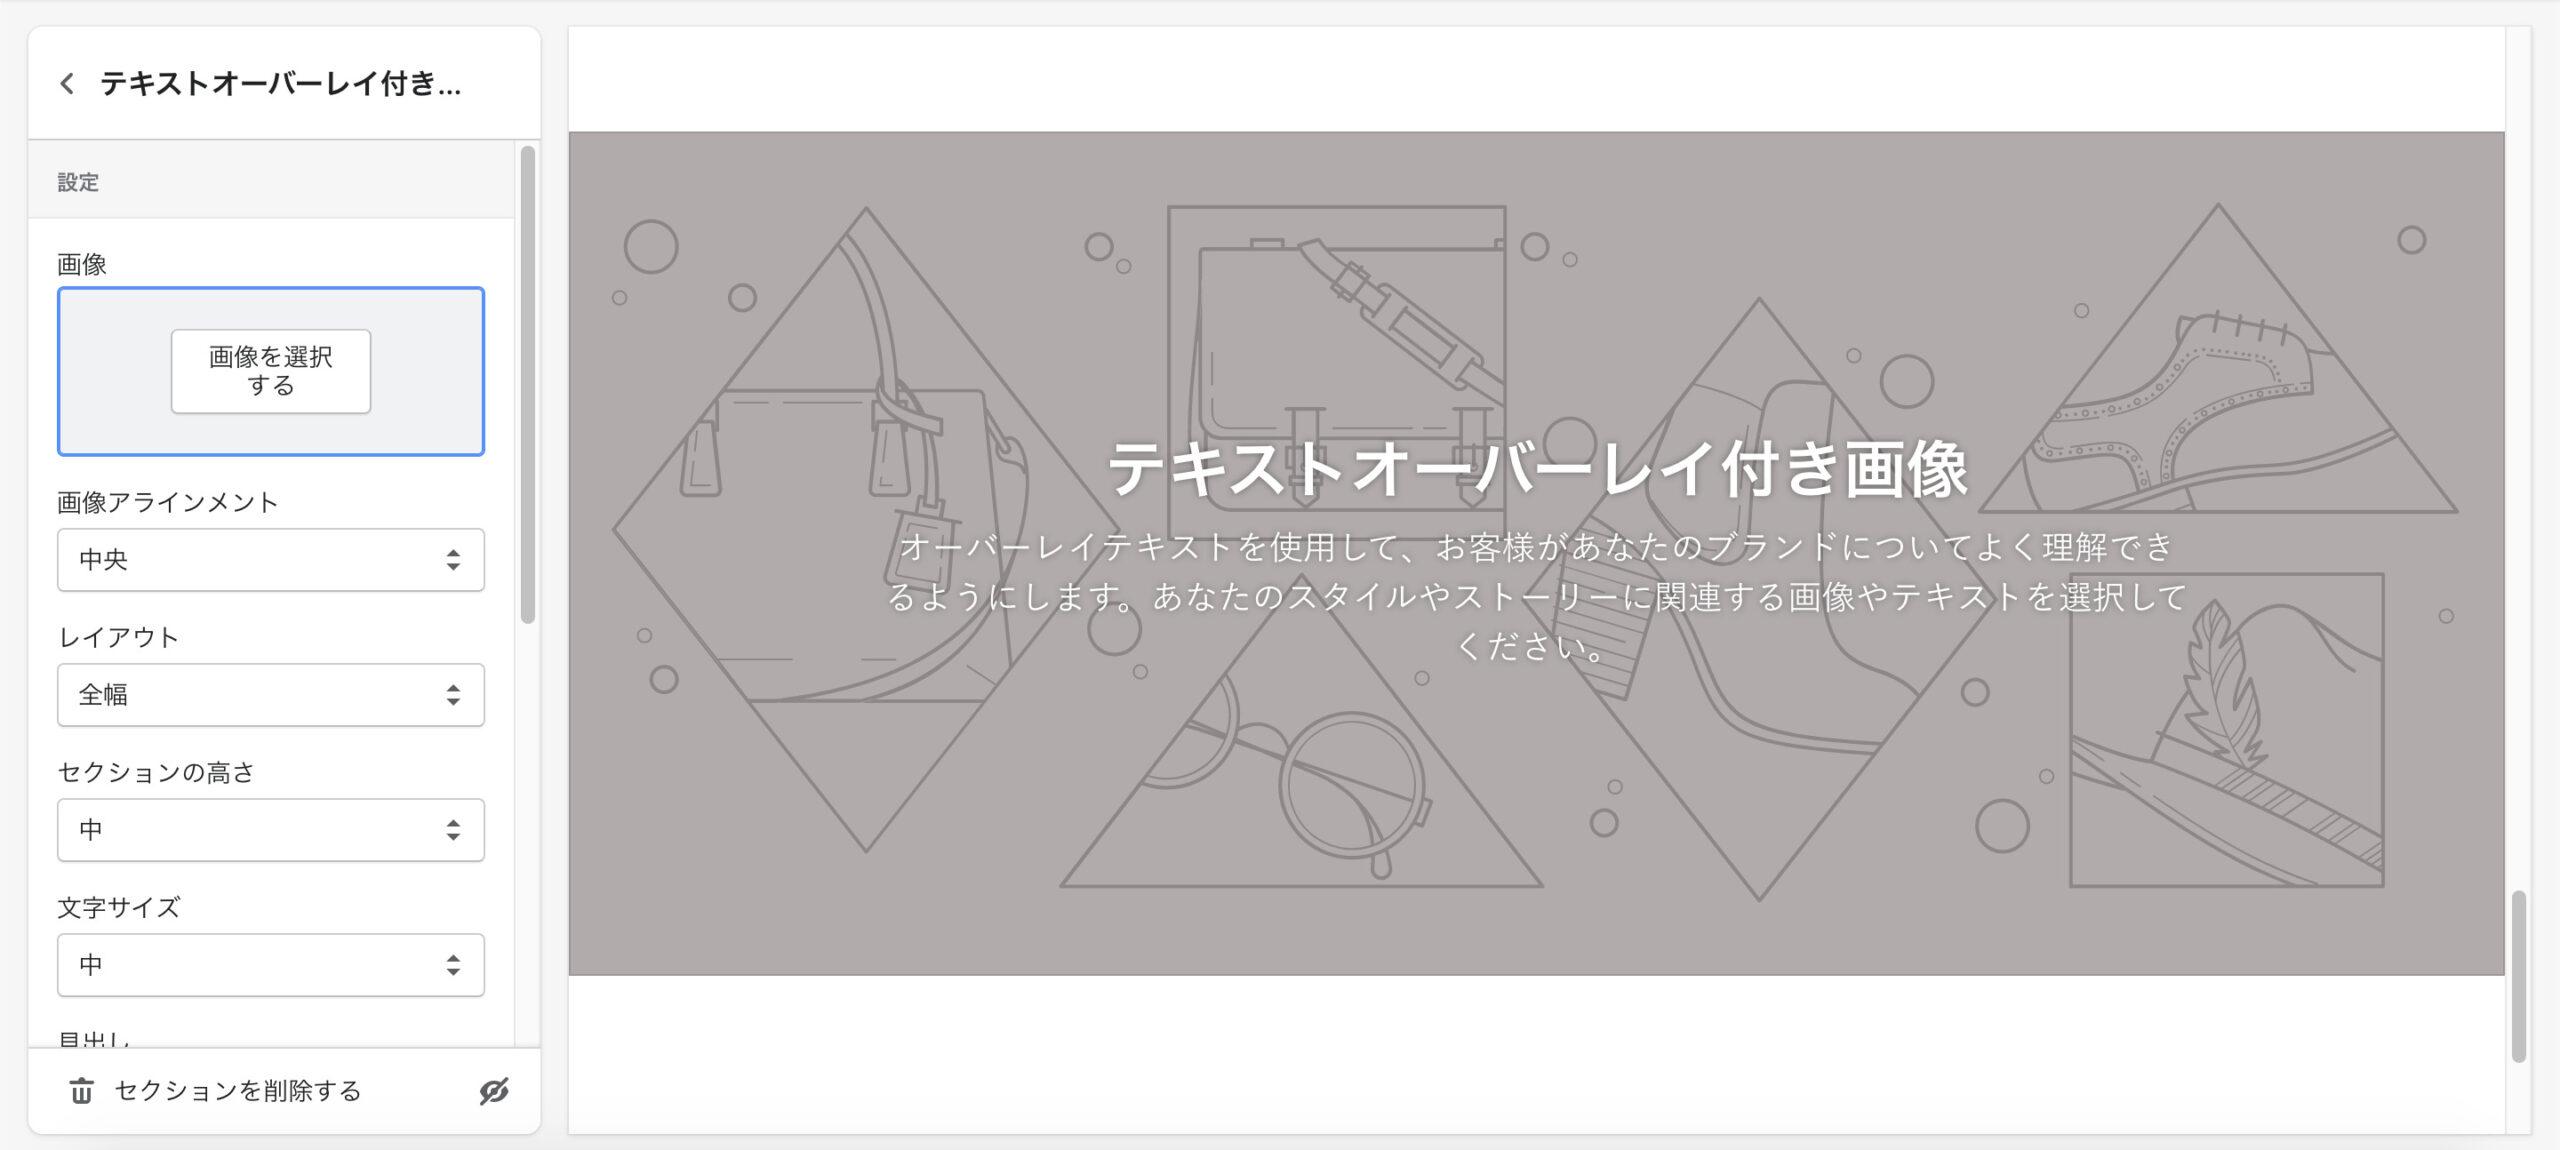 アイキャッチ画像:Shopify 管理画面からファイルをアップロードする